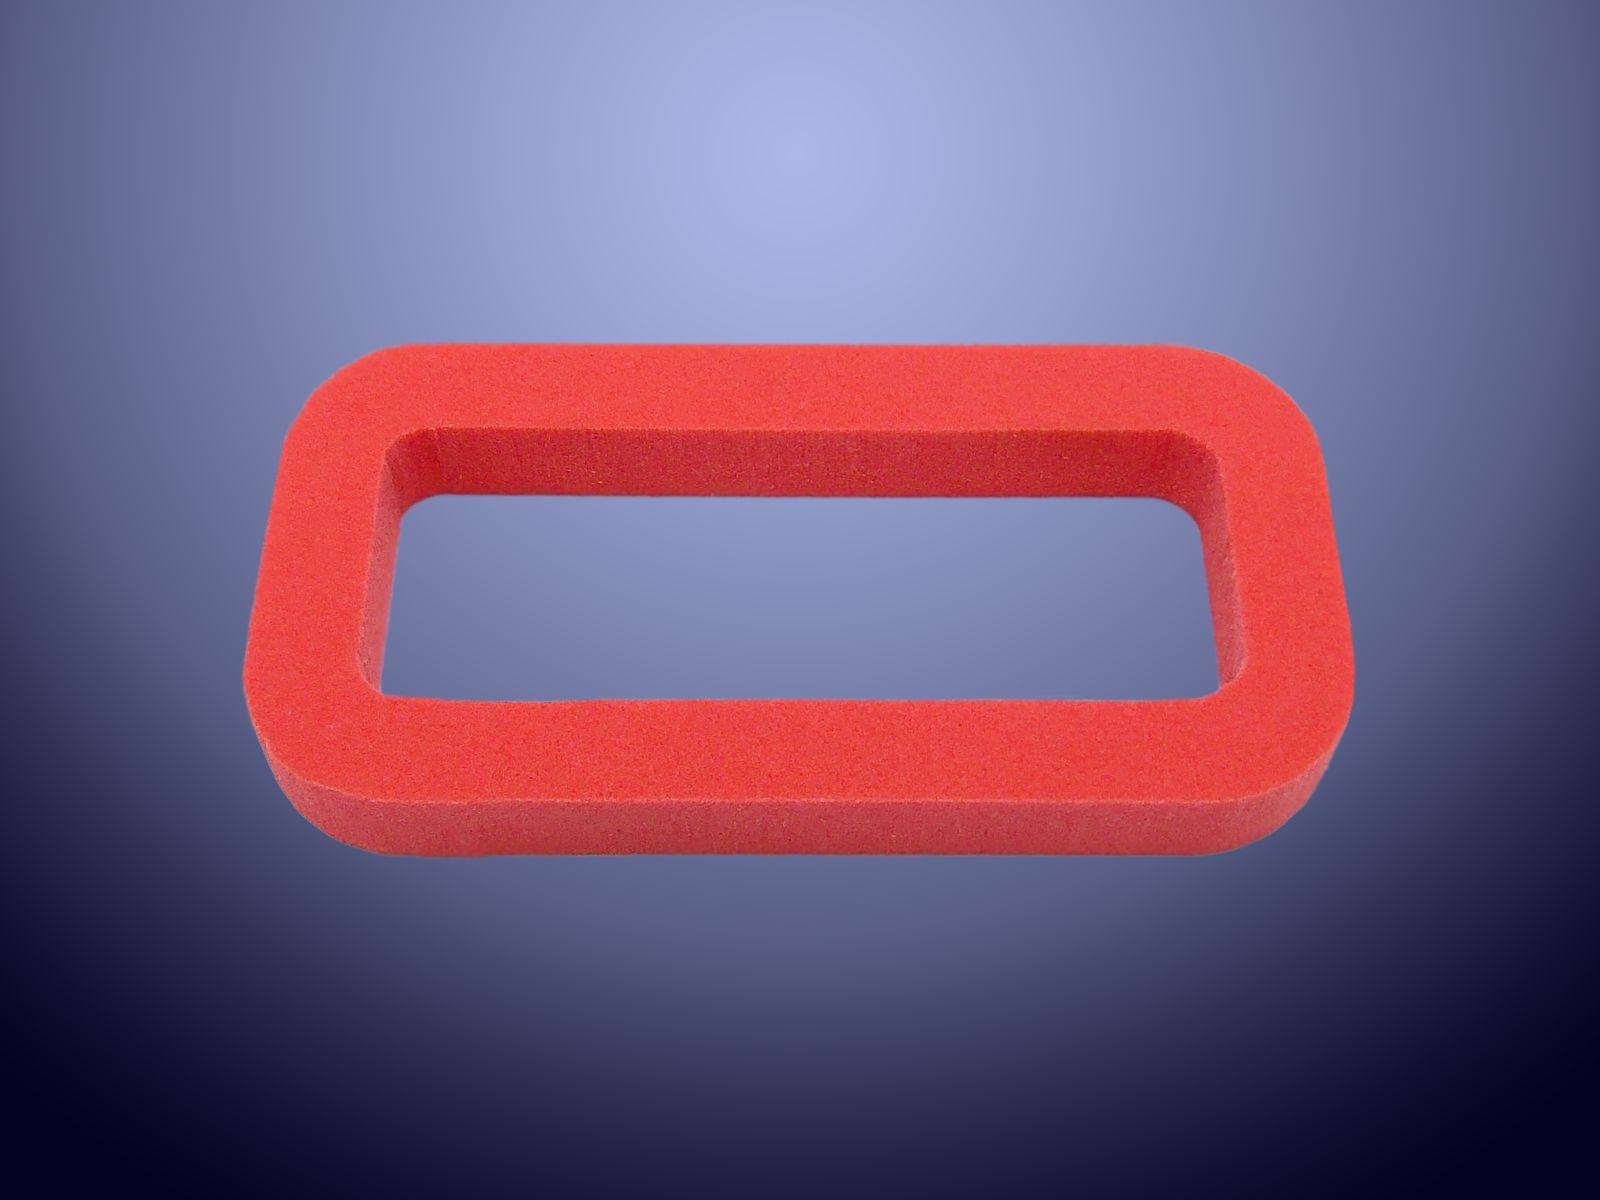 Guarnizione in poliuretano espanso Sylomer rosso con densità 510 Kg per metro cubo